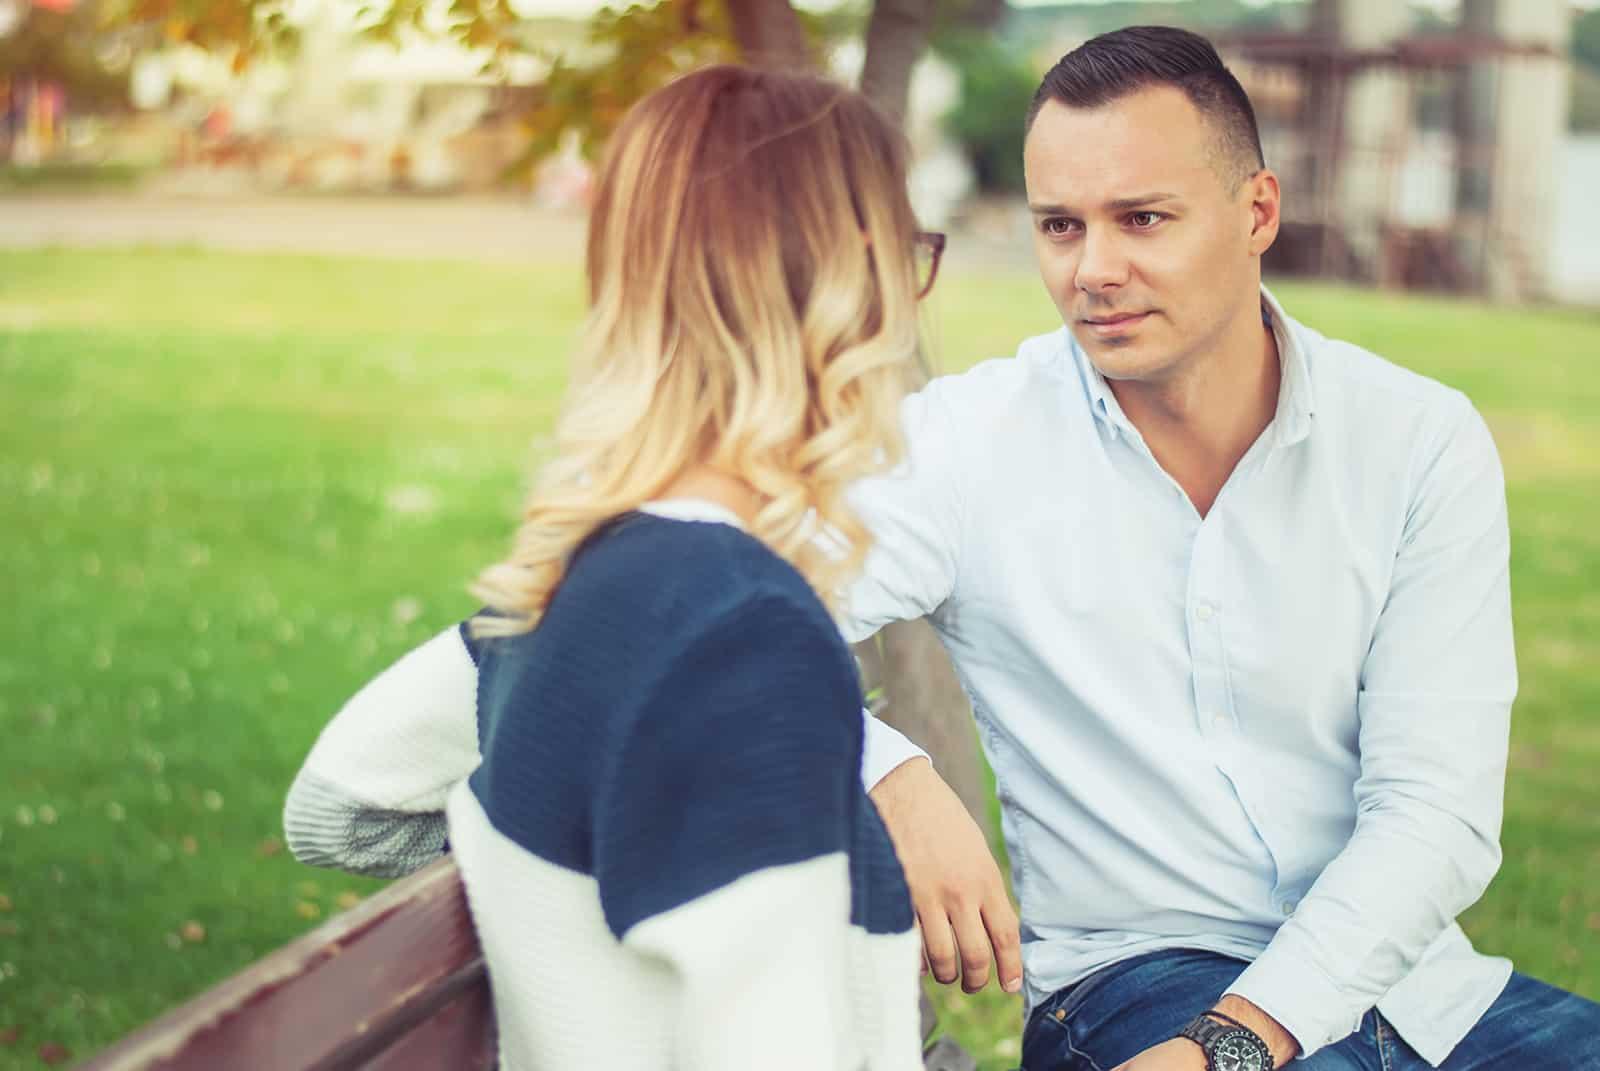 Ein trauriger Mann hört einer Frau zu, die mit ihm spricht auf der Bank im Park sitzen